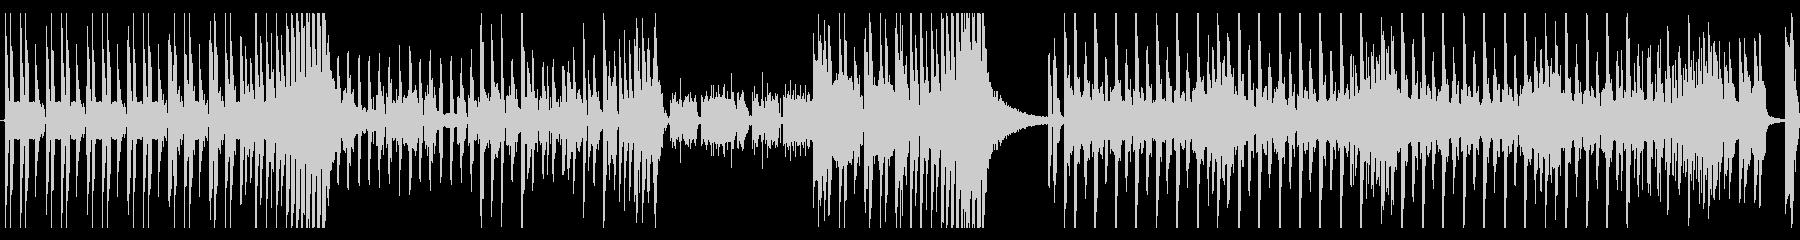 パワフルでインパクトのあるEDM!の未再生の波形